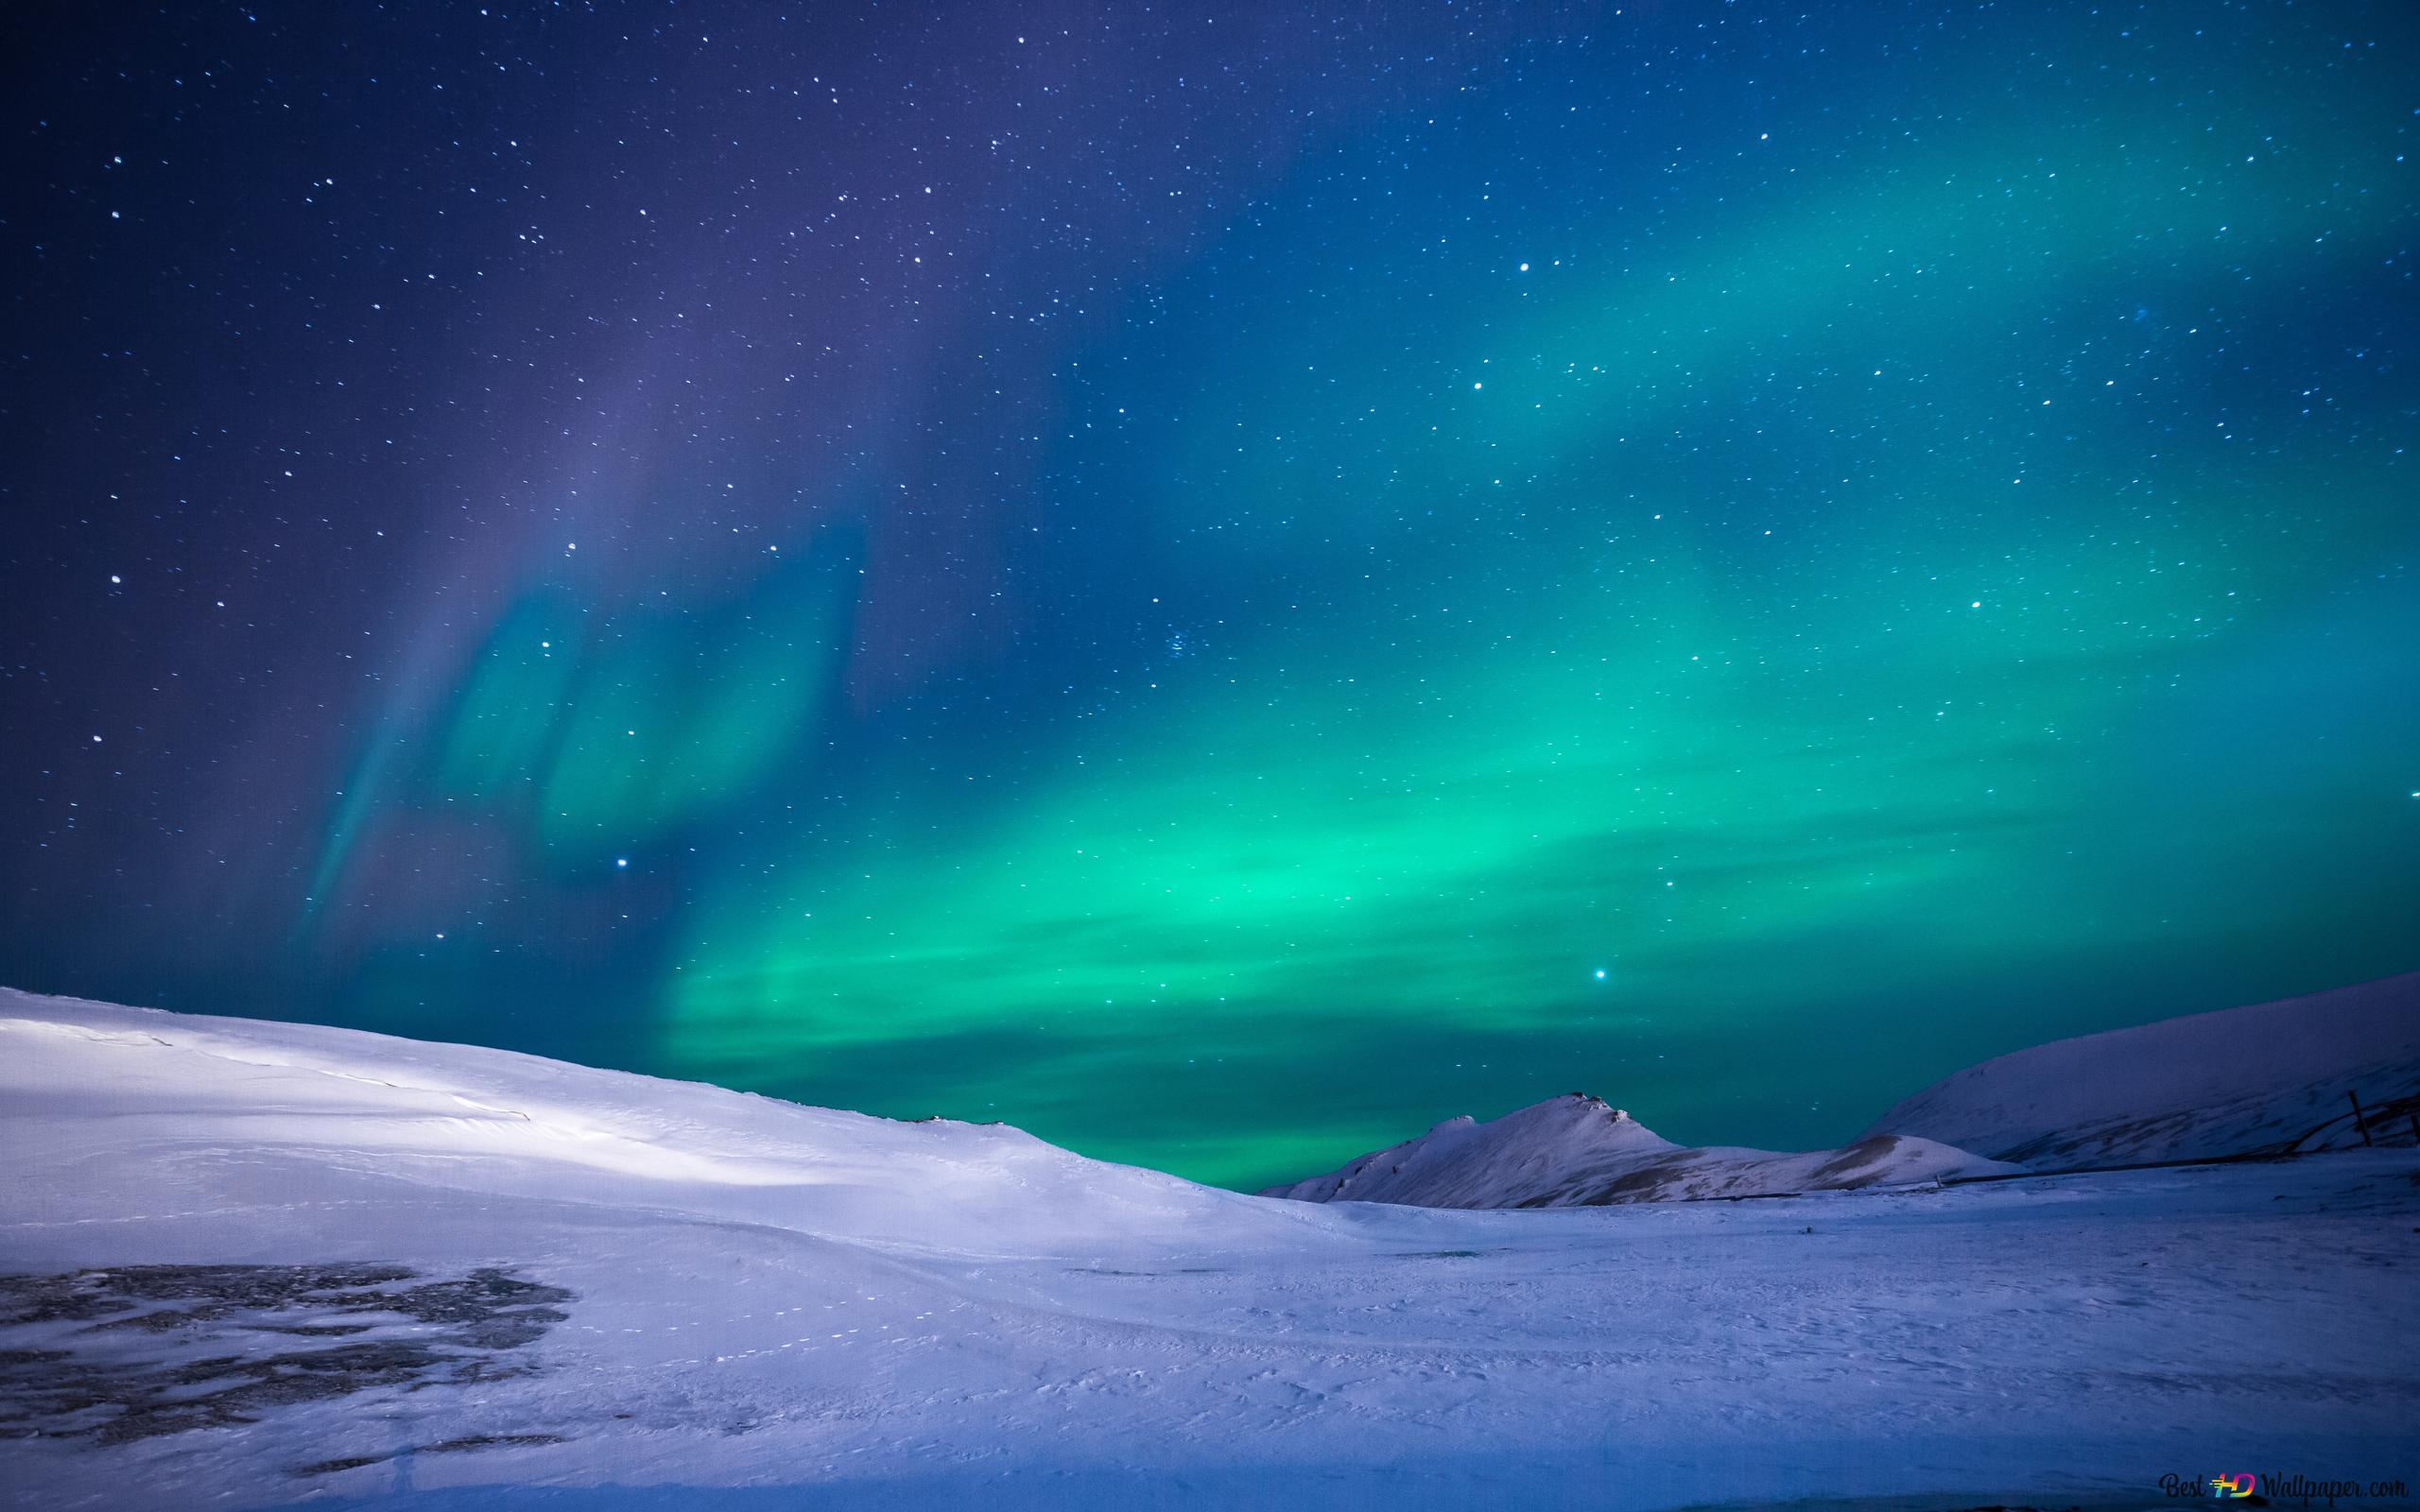 Northern Lights Vert Aurore Boreale Hd Fond D Ecran Telecharger